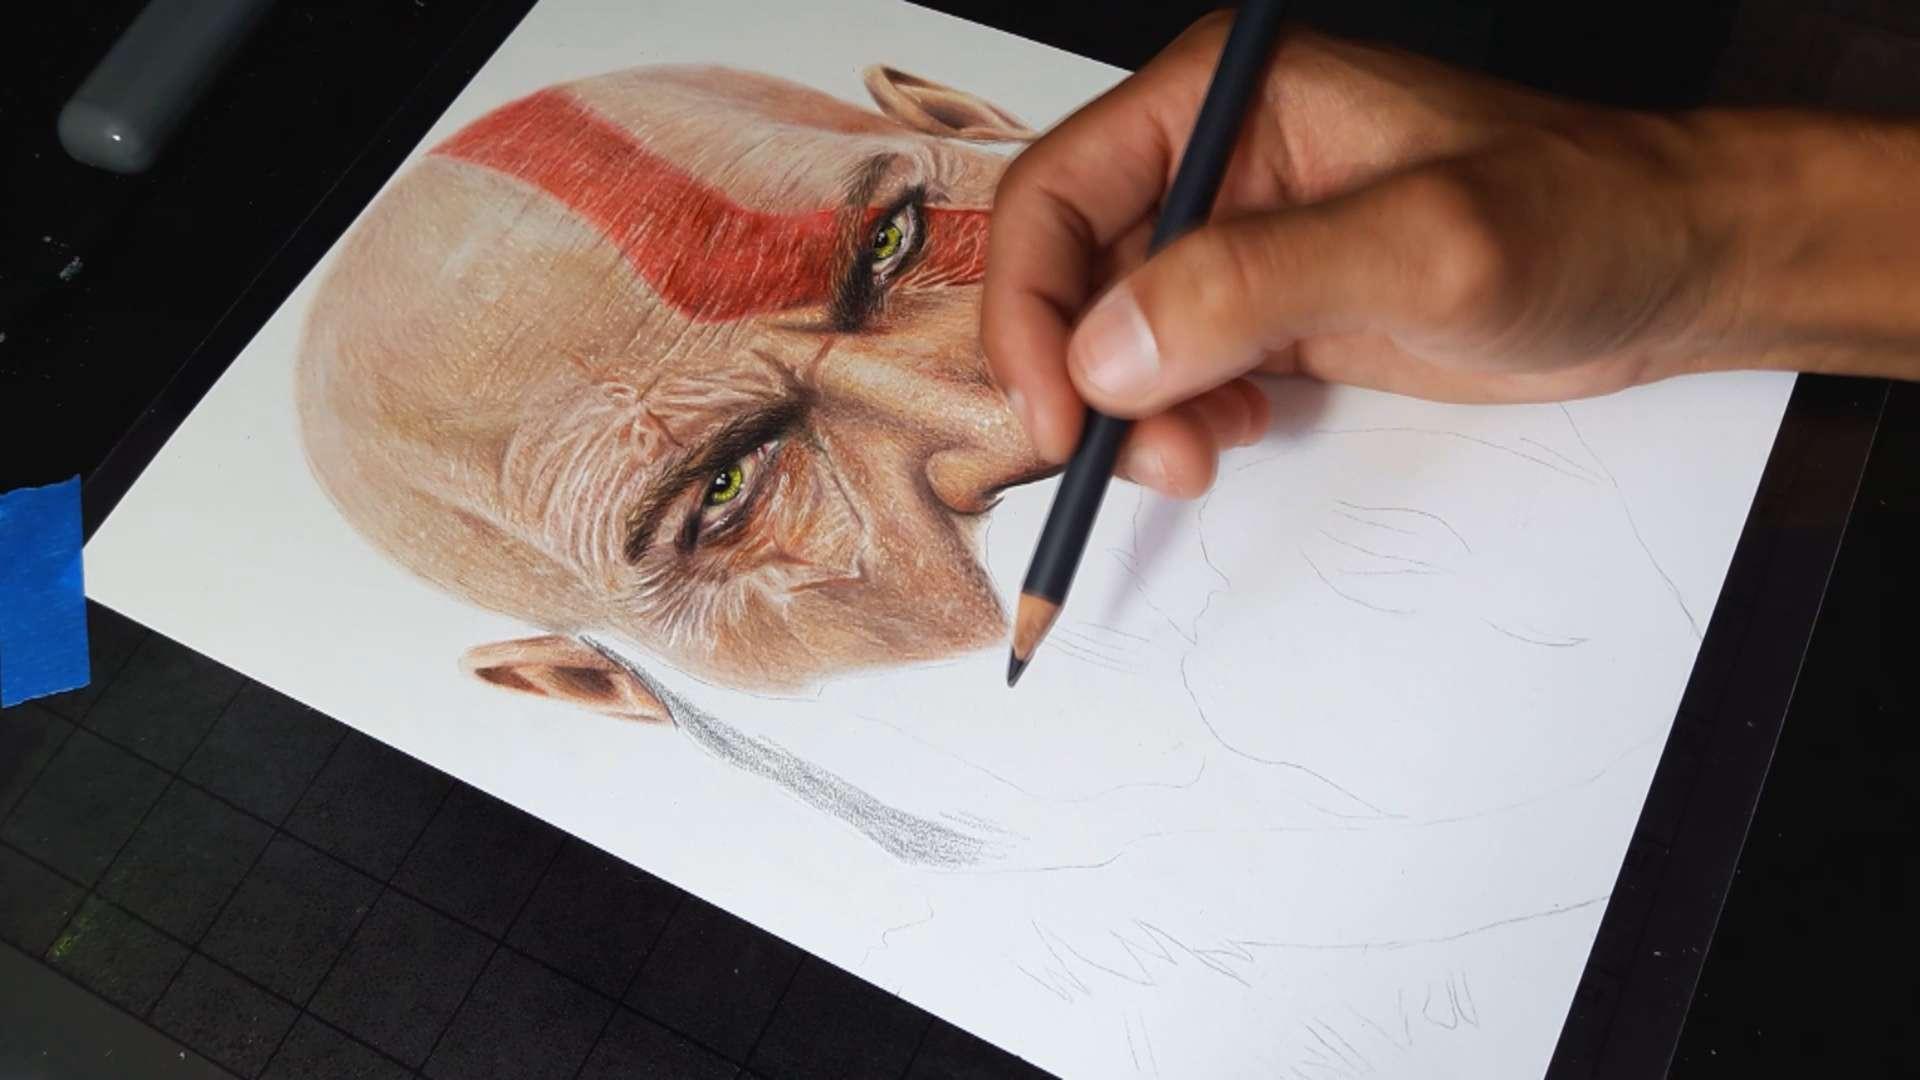 curso desenhando sem dom art rodrigues vale a pena